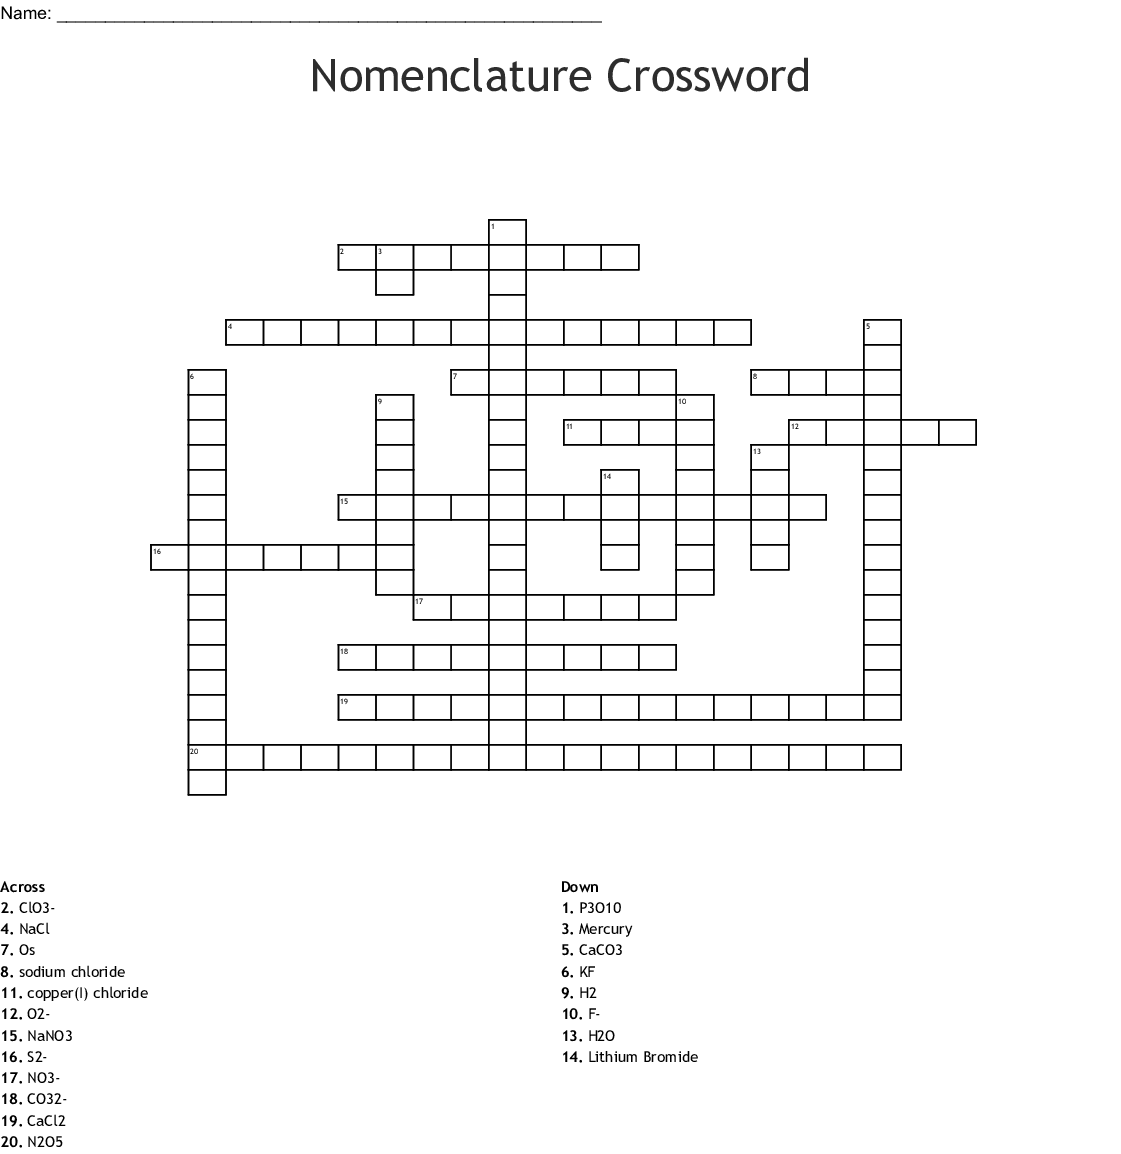 Nomenclature Crossword - WordMint